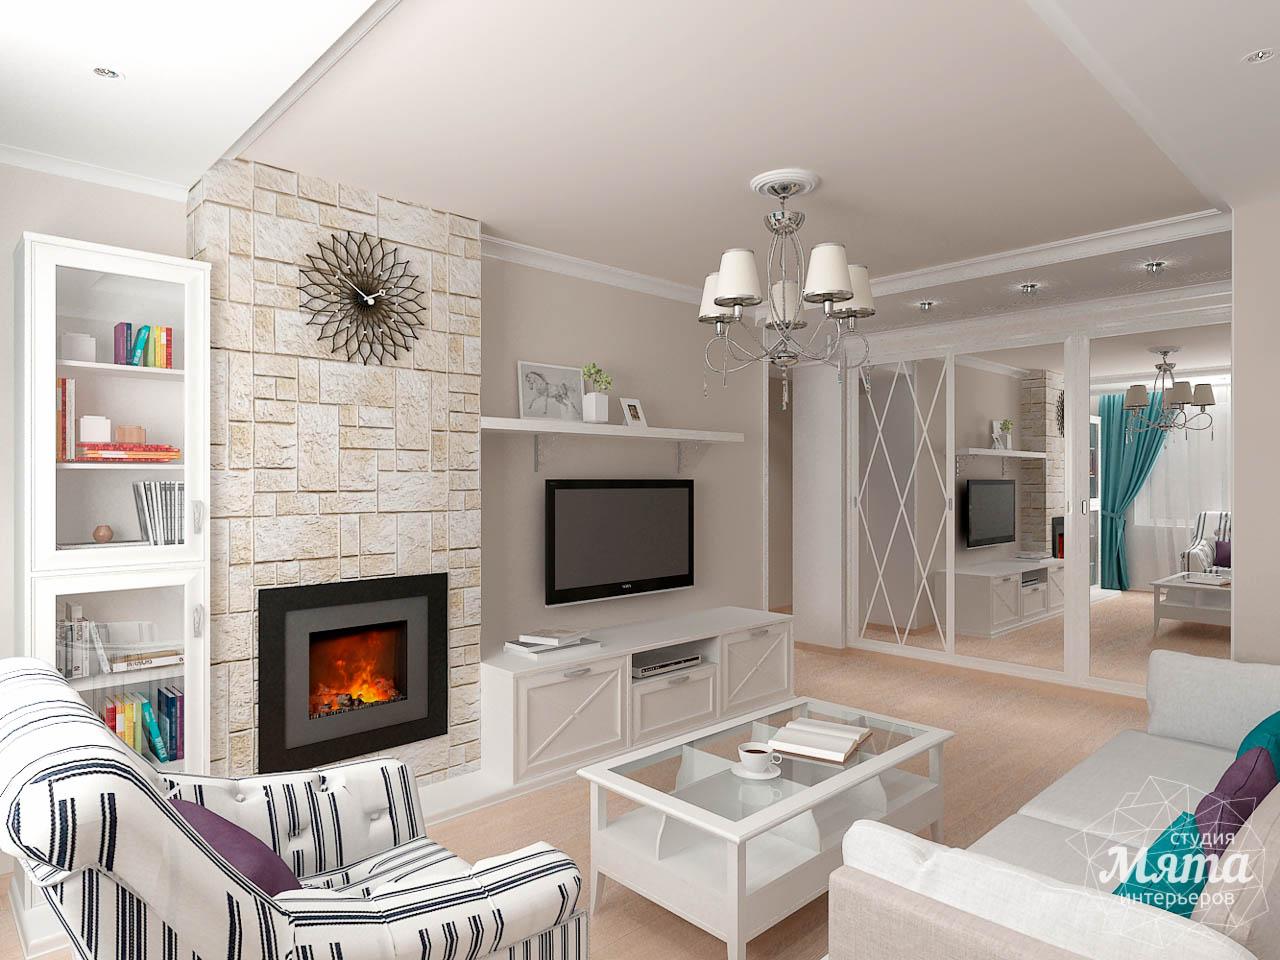 Дизайн интерьера двухкомнатной квартиры по ул. Шаумяна 93 img719900442